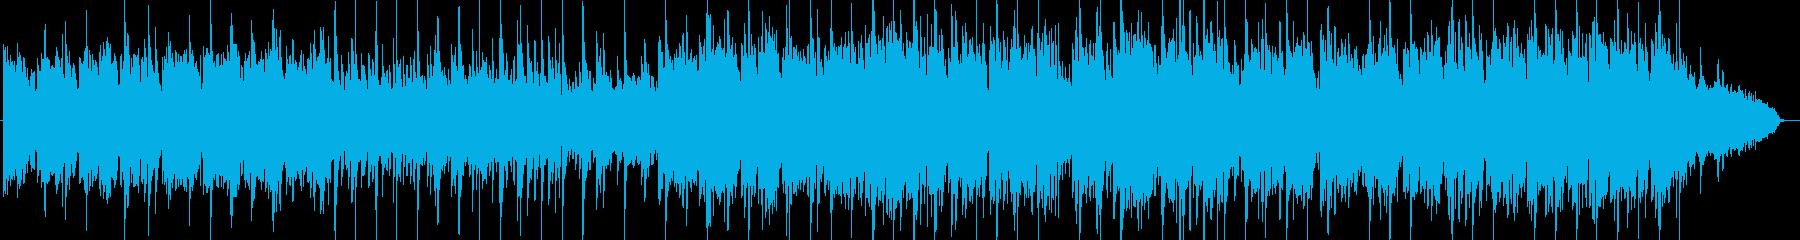 ゆったりした自然風景の音楽の再生済みの波形